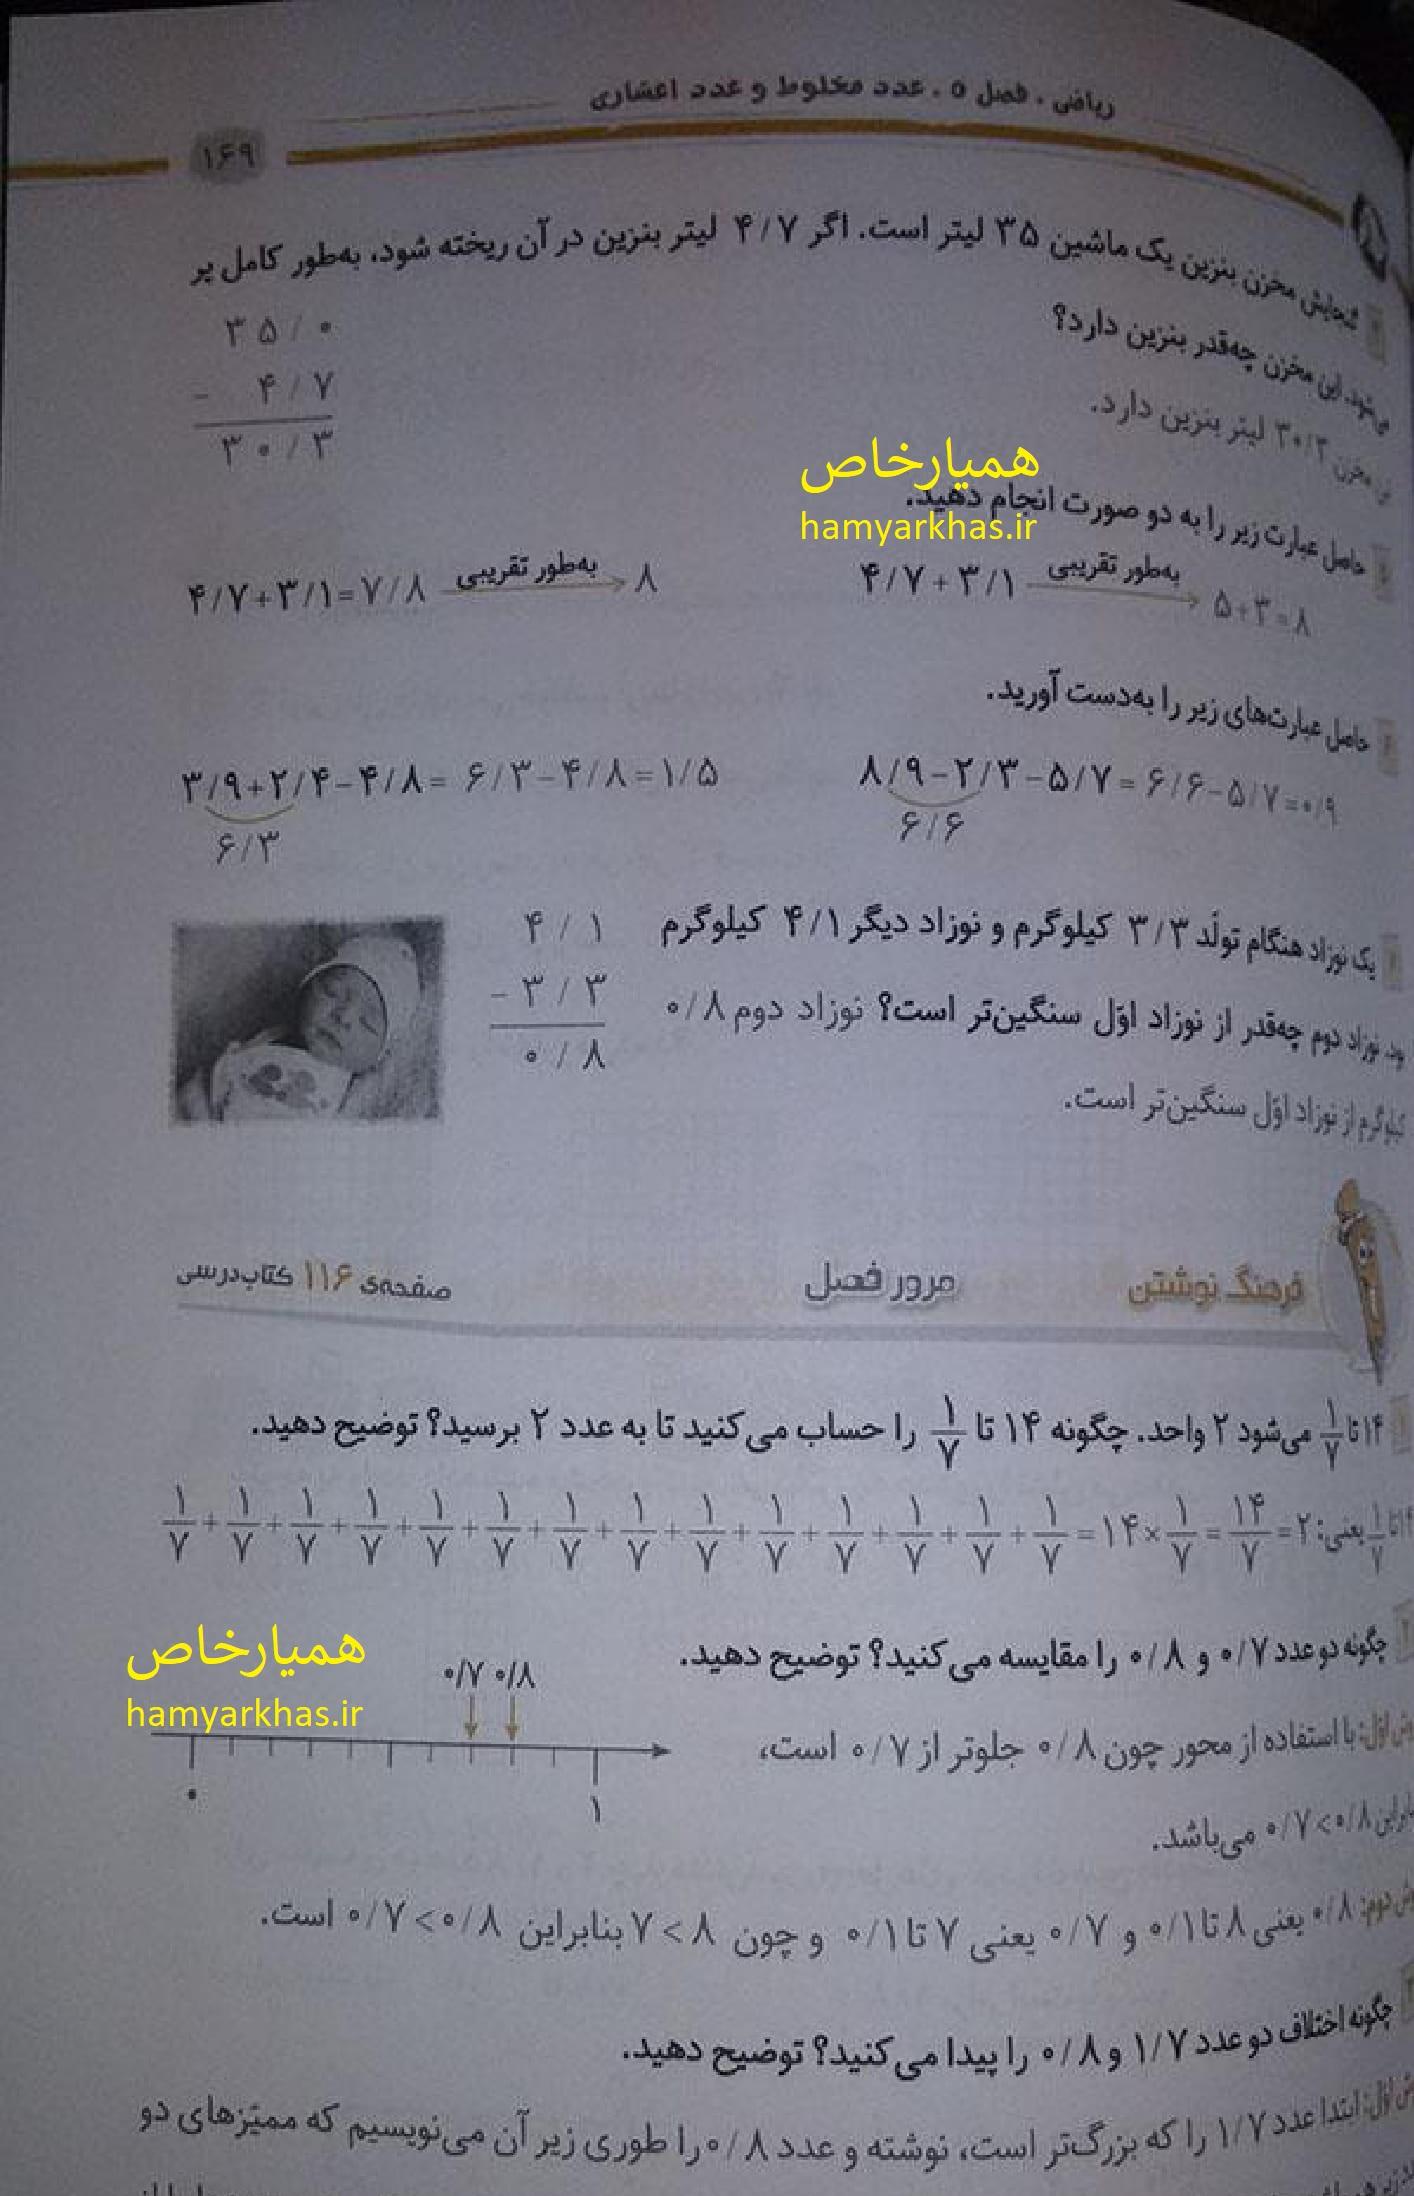 جواب صفحه 115-116ریاضی چهارم.jpg